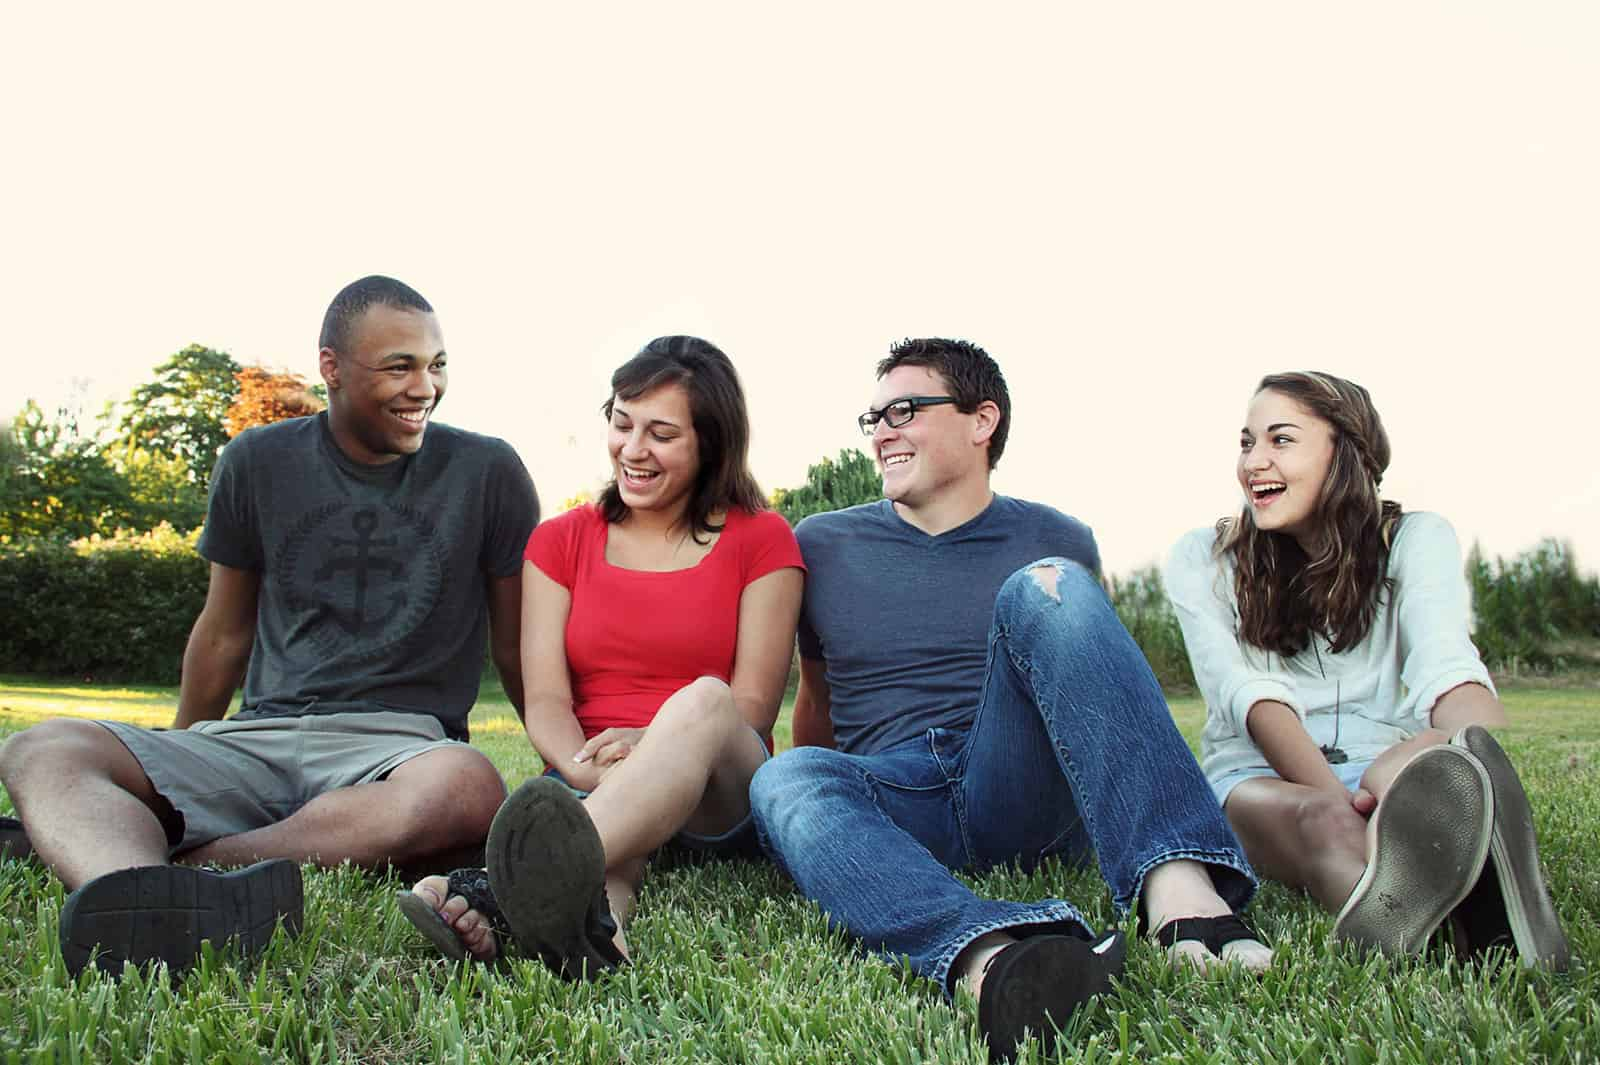 fröhliche Freunde sitzen auf dem Rasen beim Abhängen